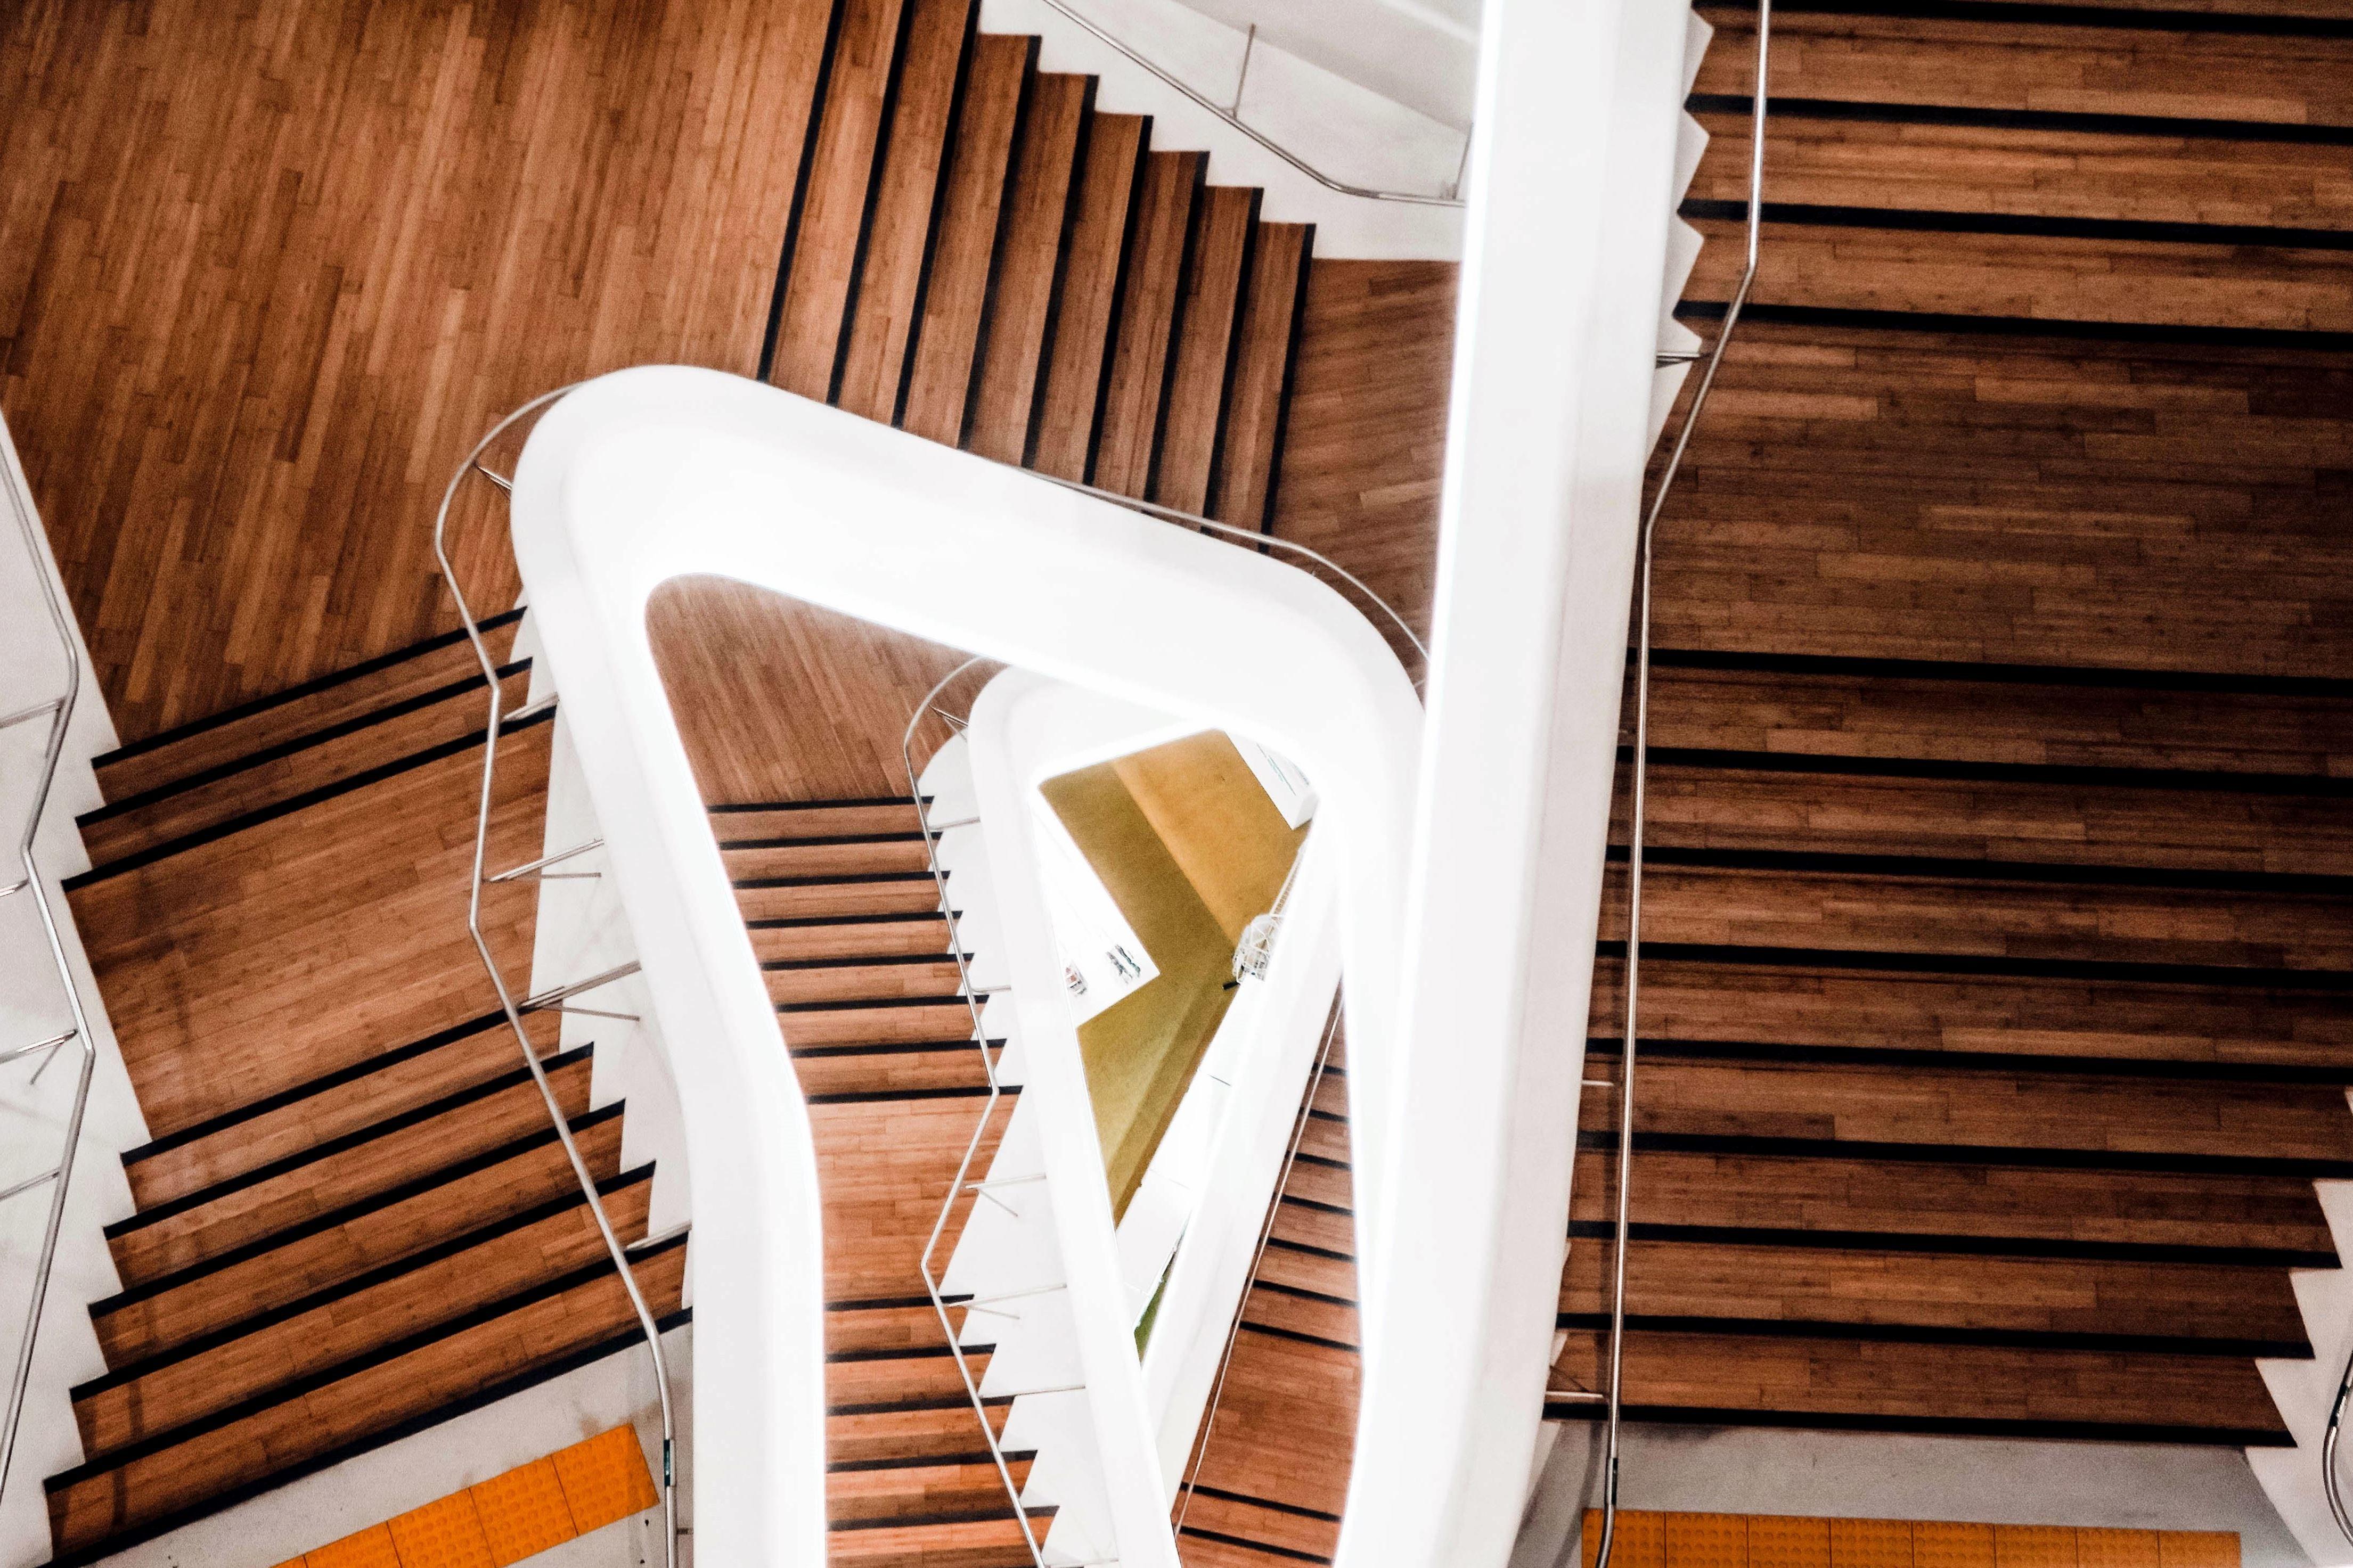 Kostenlose bild luxus modernen treppen architektur in geb ude schritt - Treppen architektur ...